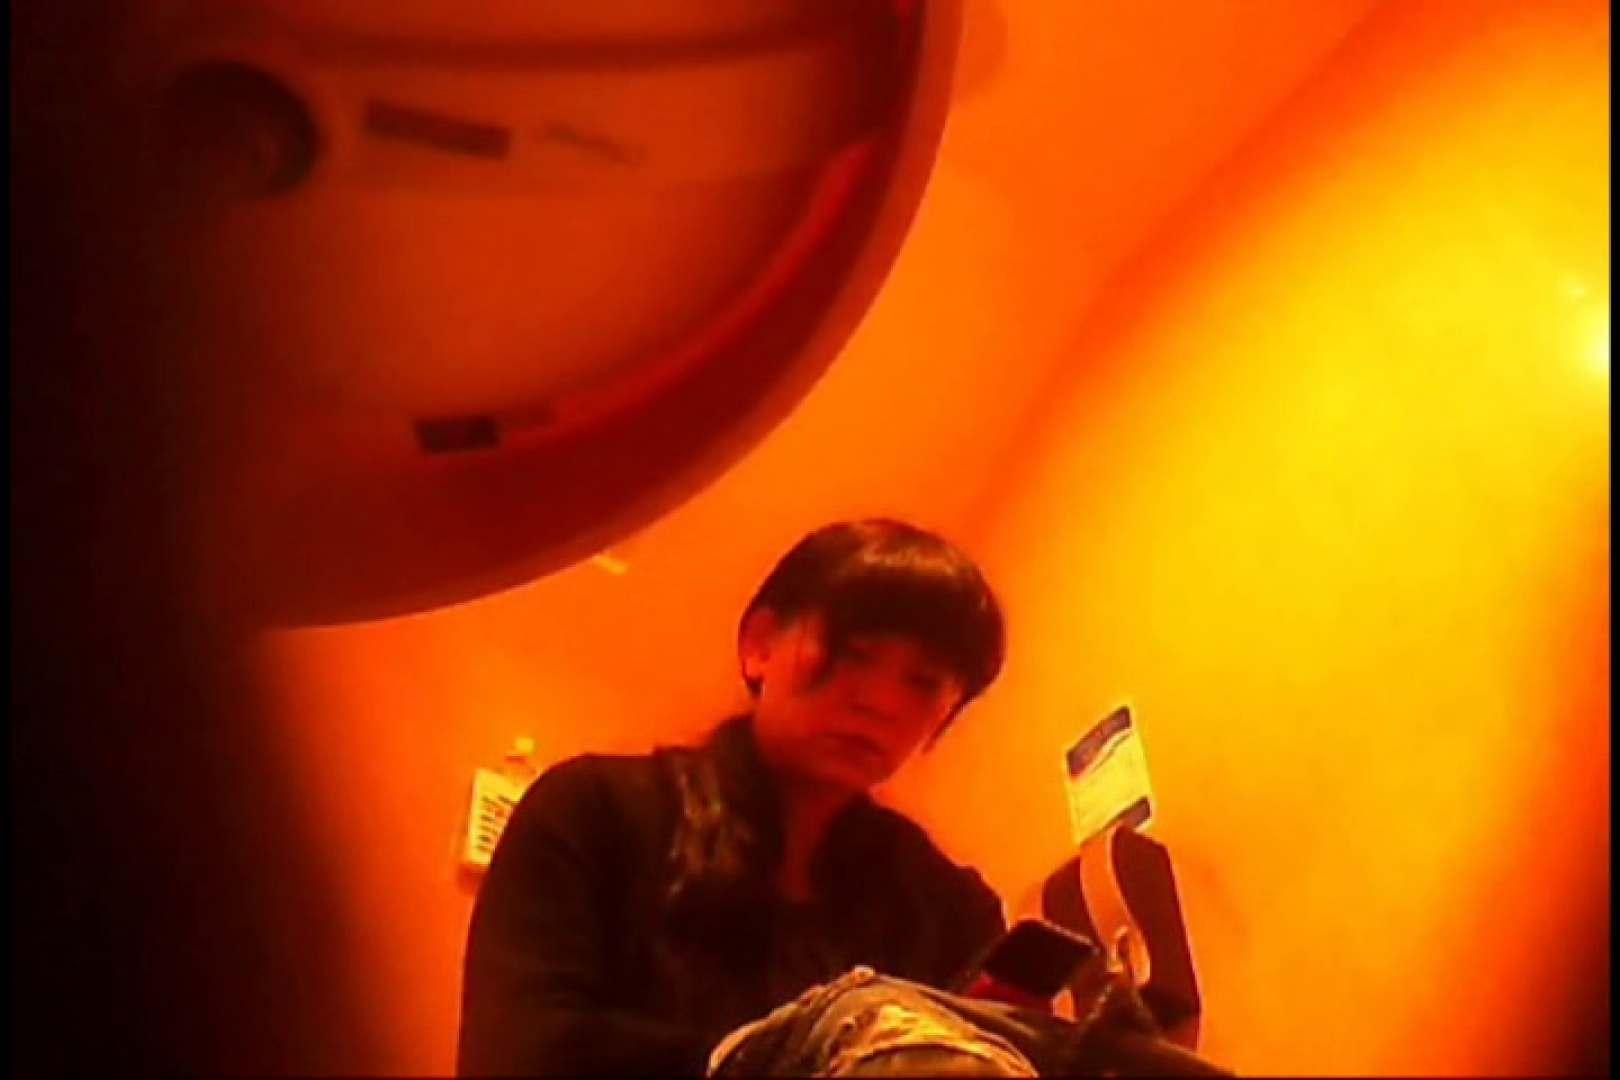 潜入!!女子化粧室盗撮~絶対見られたくない時間~vo,69 潜入 スケベ動画紹介 9枚 7